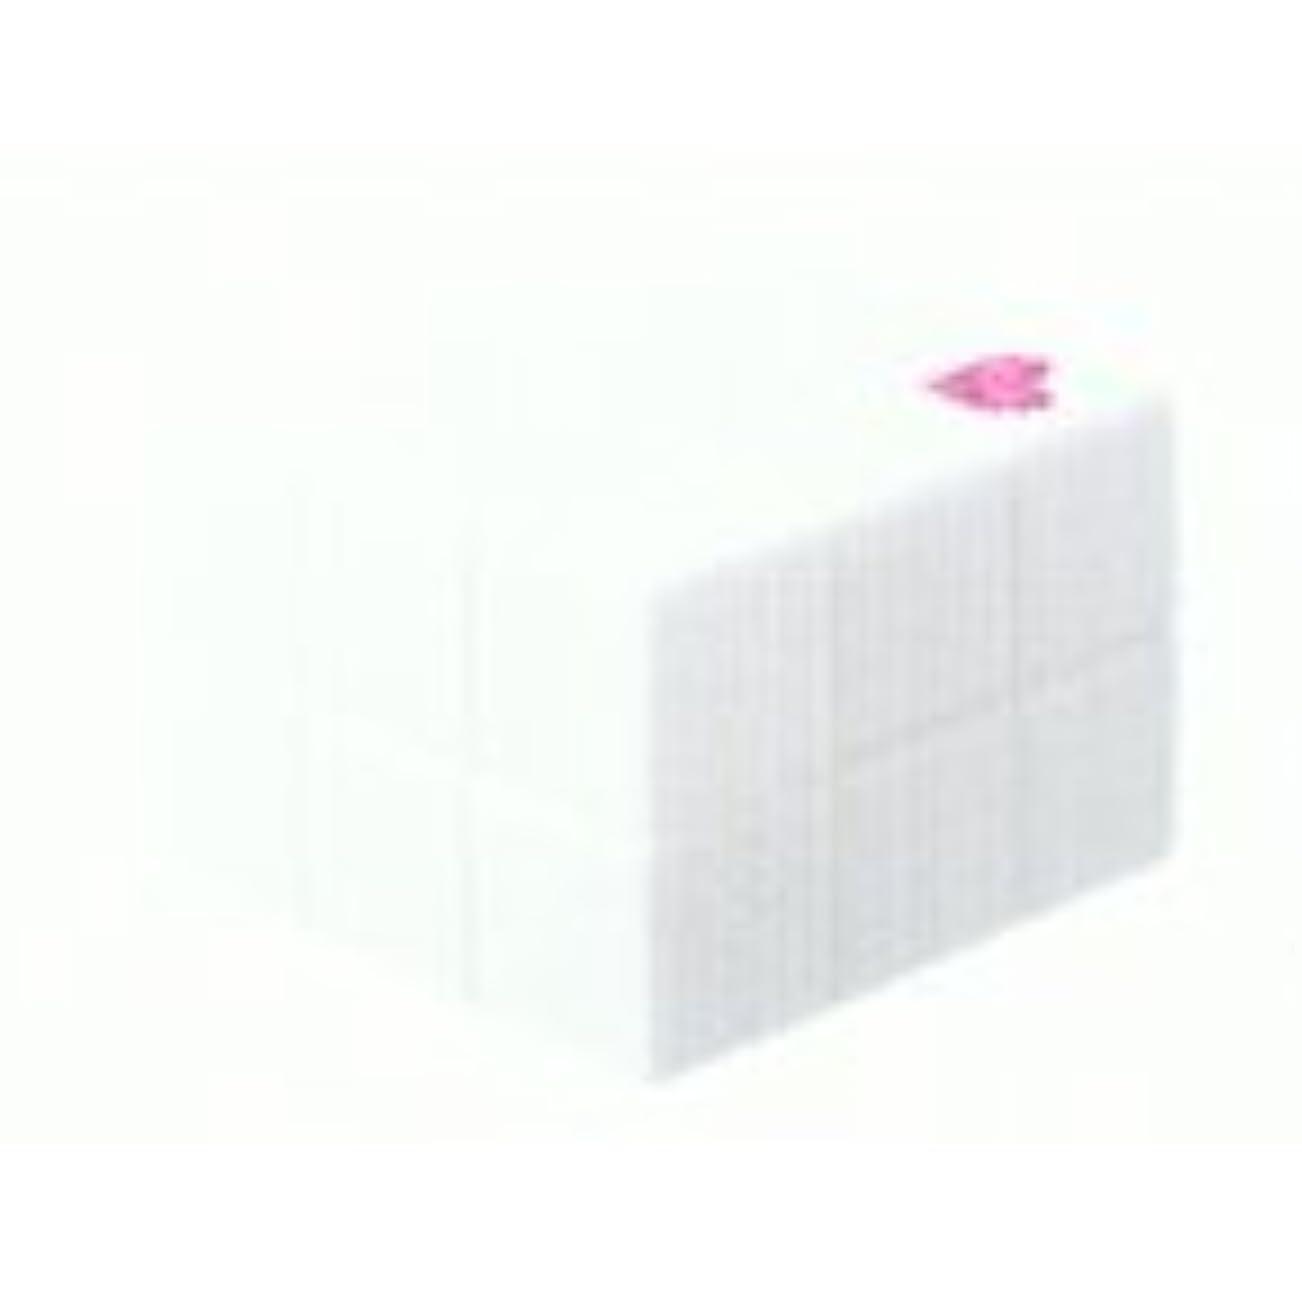 反射破壊彫るアリミノ ピース グロスワックス40g(ホワイト)